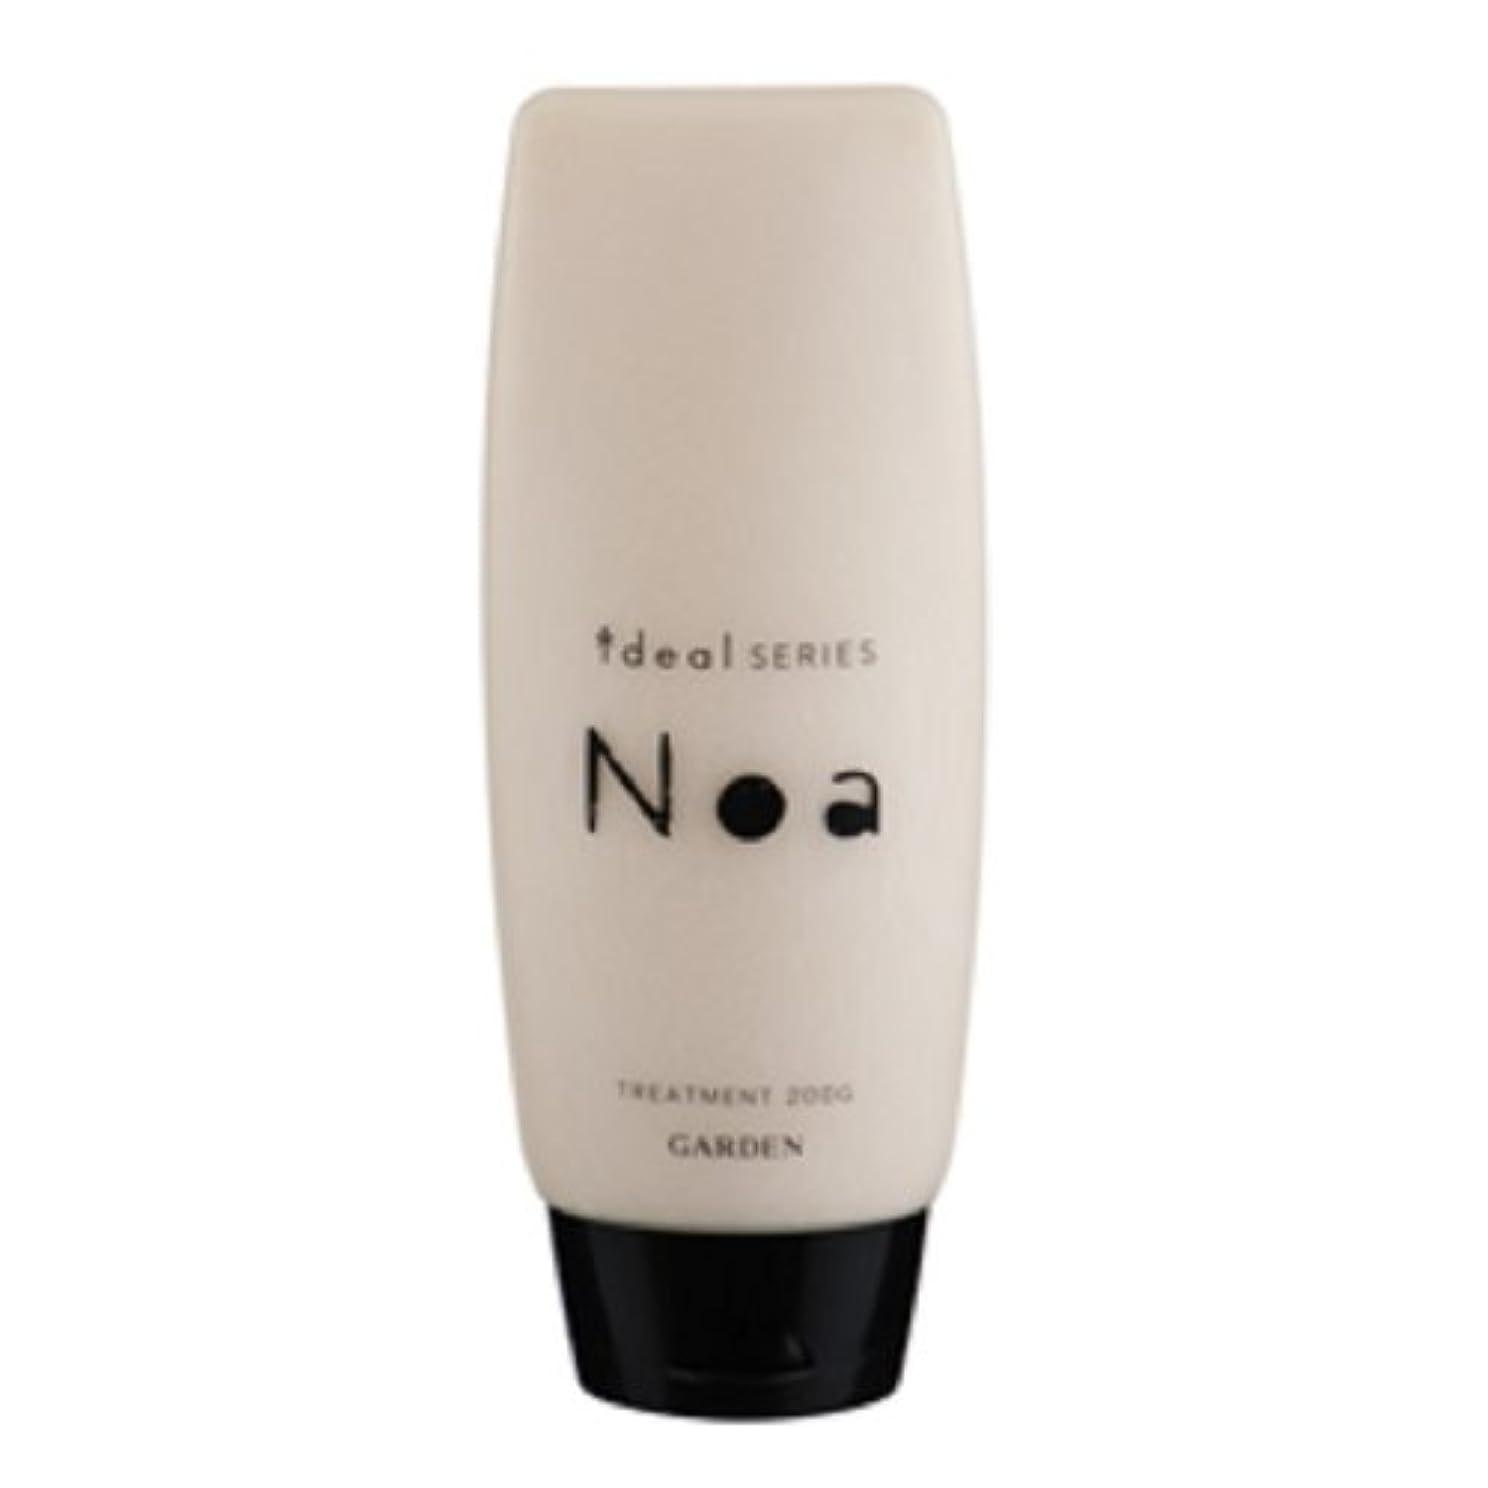 タワー容器タワーGARDEN ideal SERIES (イデアルシリーズ) Noa 天然シアバター配合 ノアトリートメント 200g